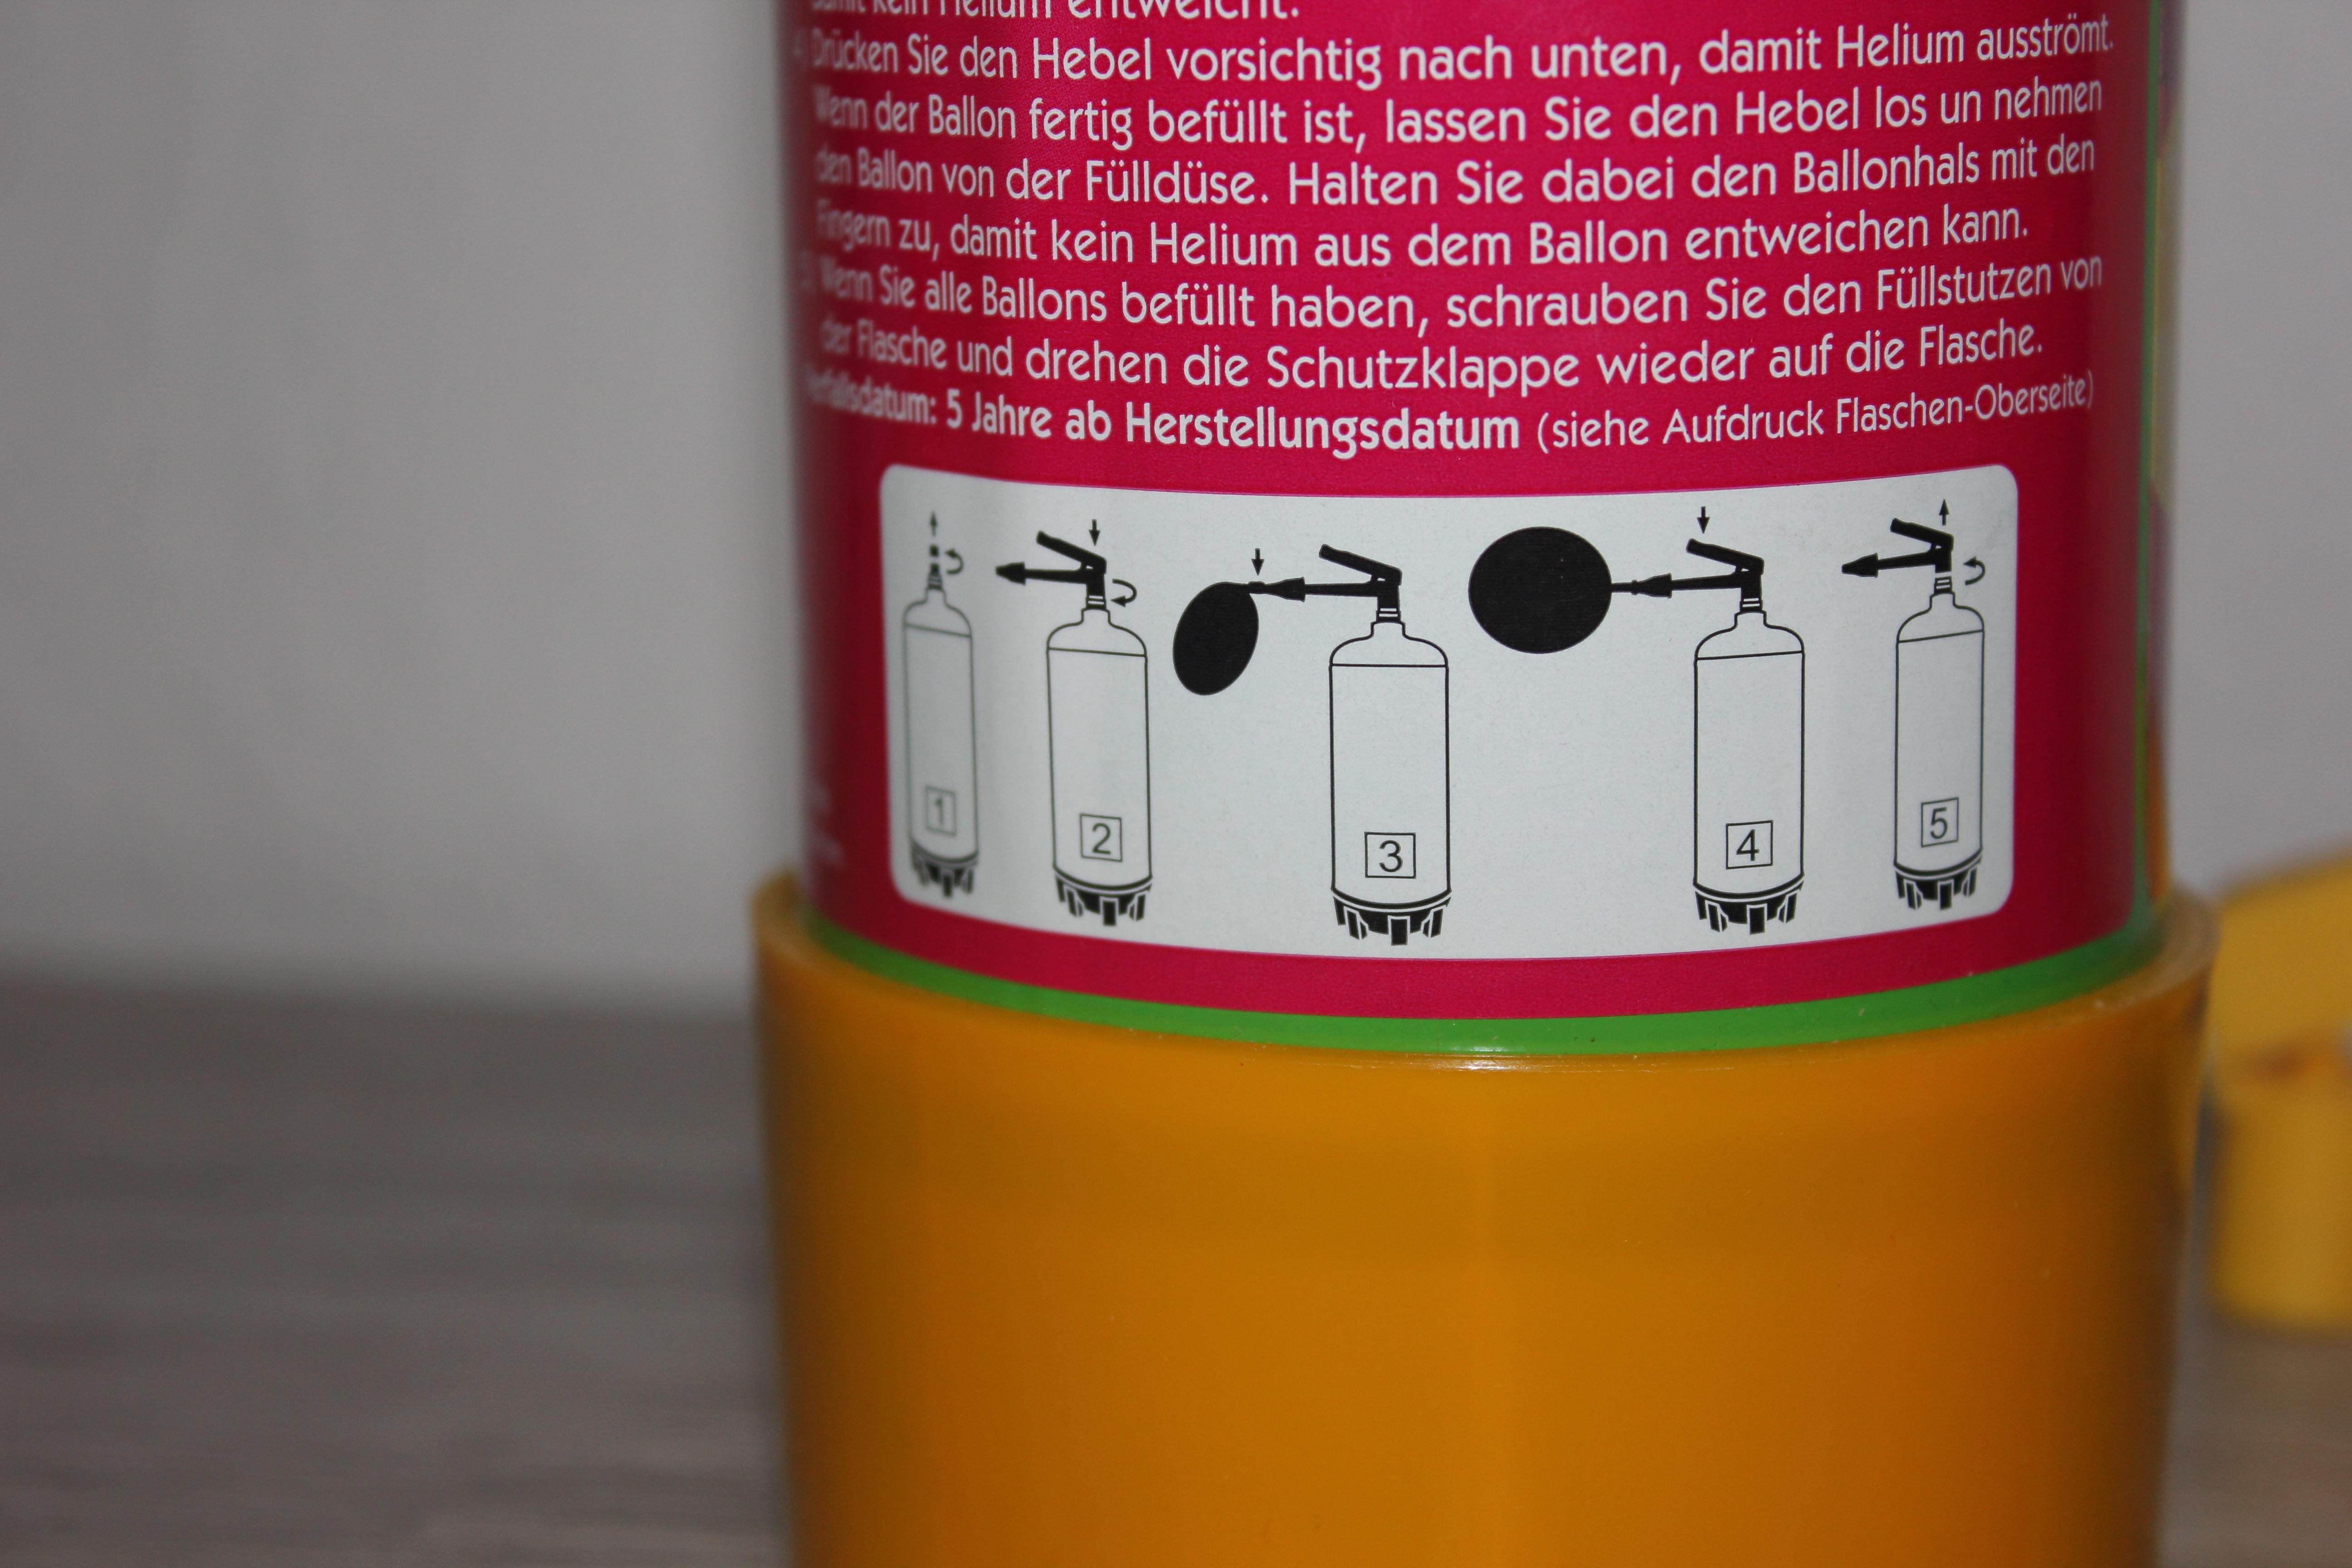 Gebrauchsanleitung auf der Heliumflasche